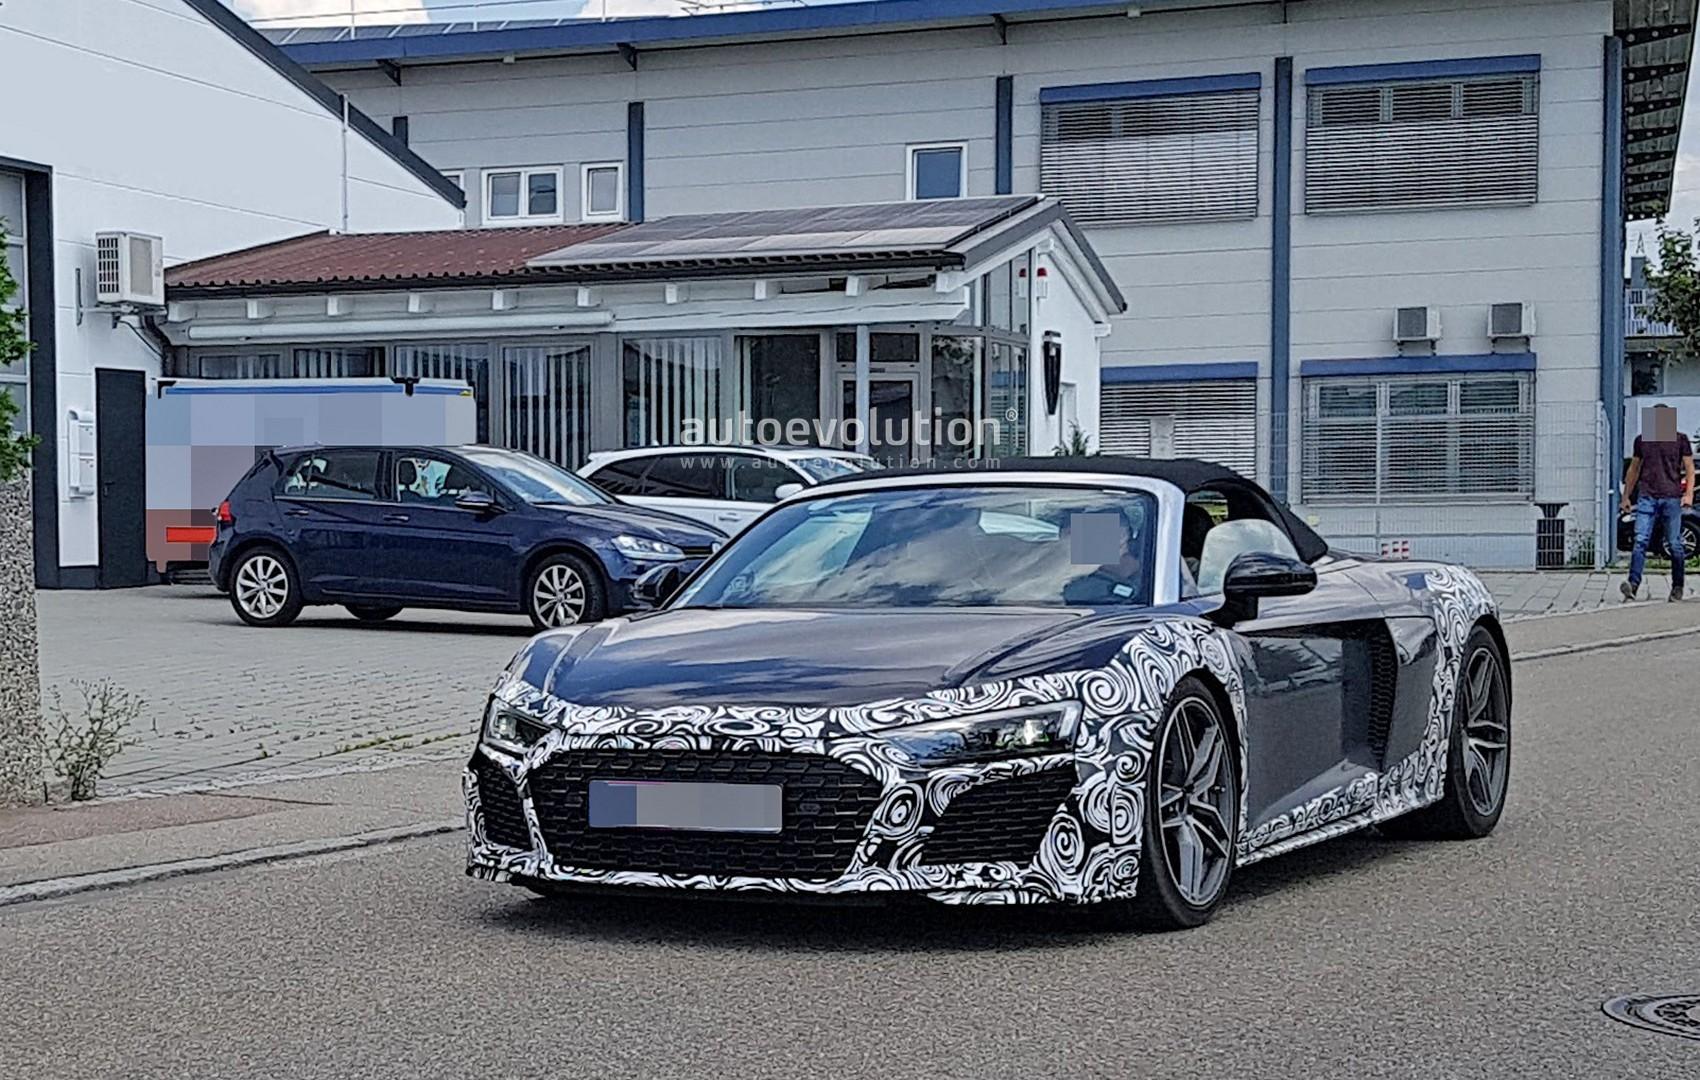 Audi R8 Spyder Drag Races Mclaren 570s Brutal Humiliation Follows